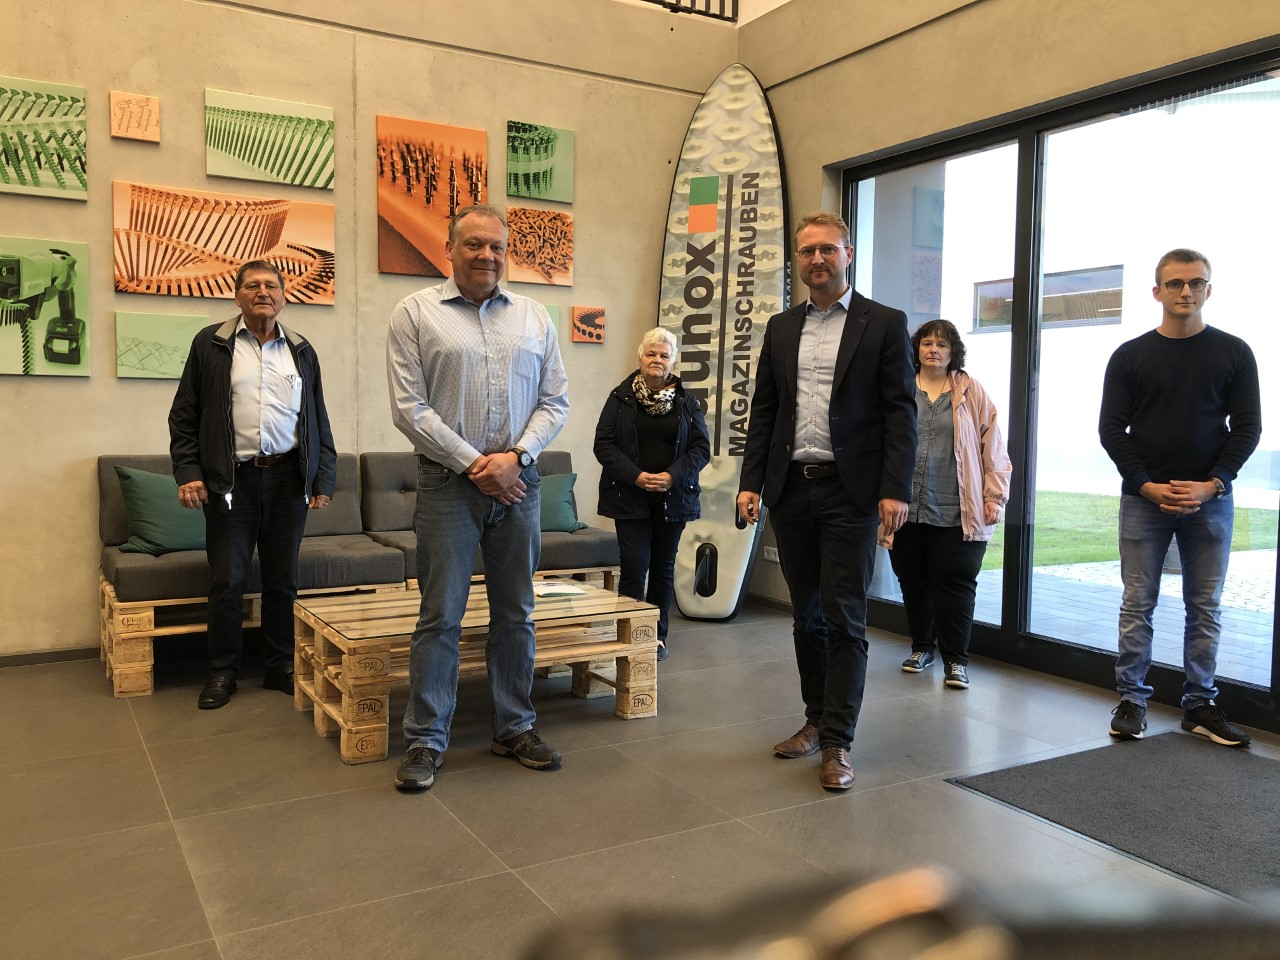 Erster Kreisbeigeordneter Dr. Jens Mischak (3. von rechts) mit Firmenchef Schmidt (2. von links) und CDU Vorsitzendem Jochim (1. von links)